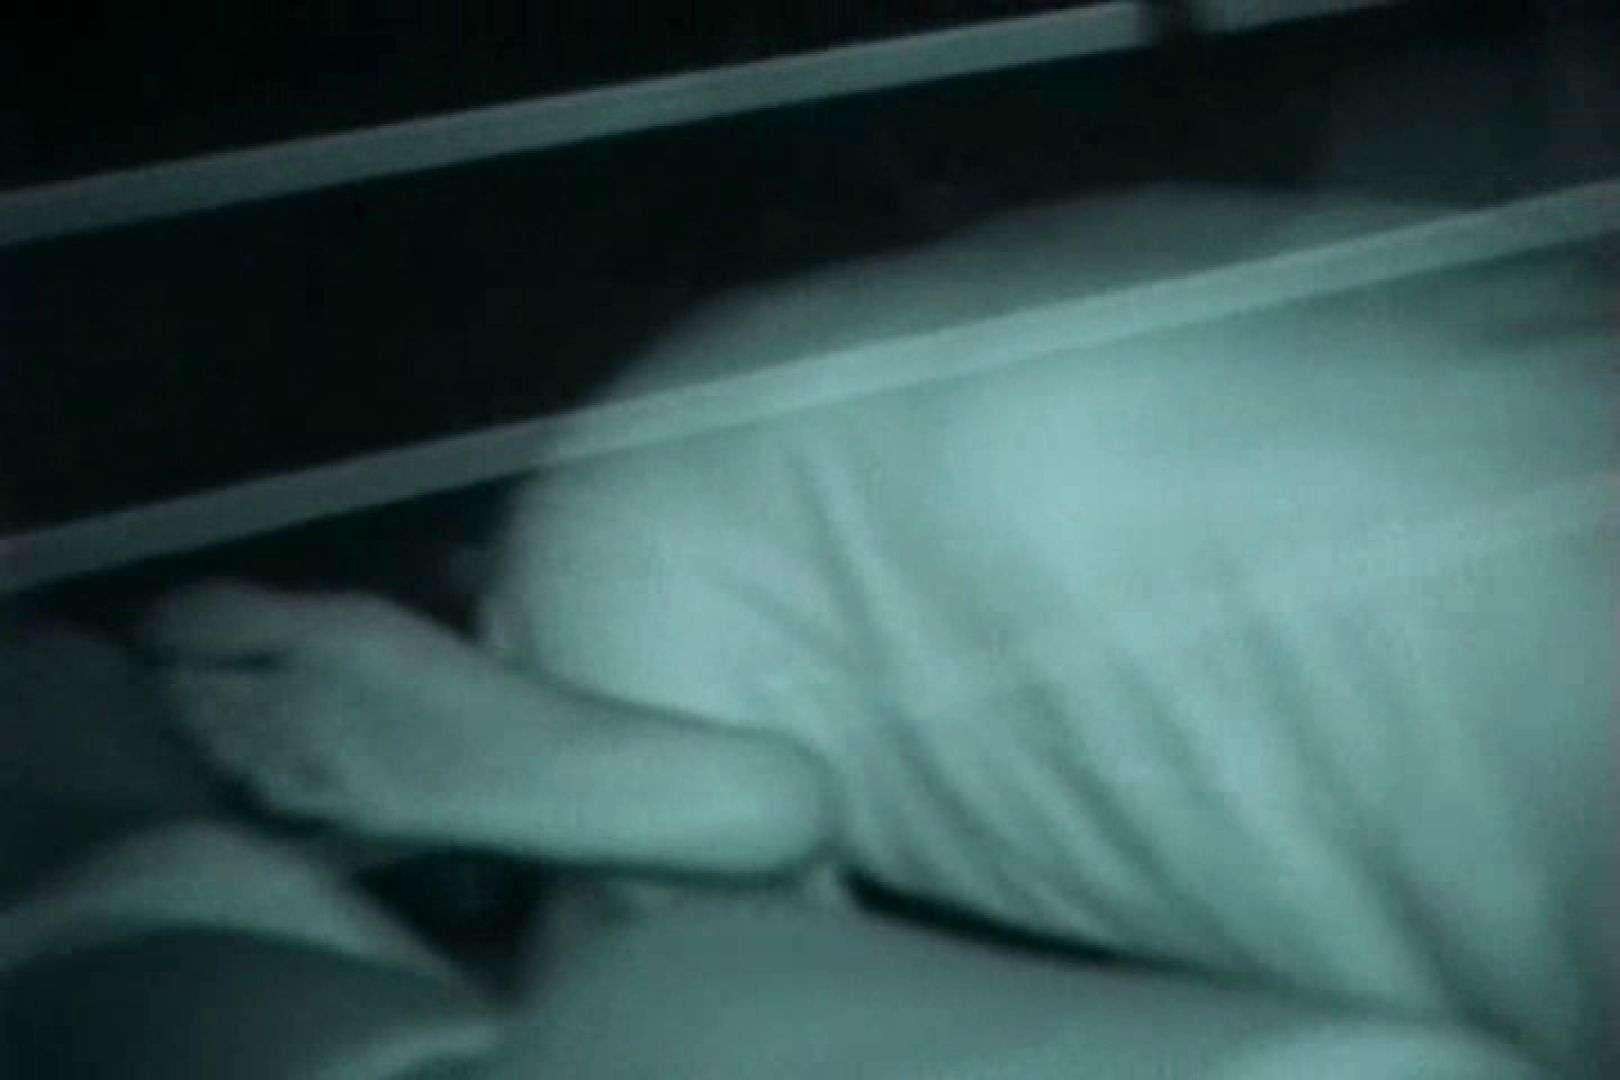 充血監督の深夜の運動会Vol.136 OLセックス 盗撮オマンコ無修正動画無料 100画像 41